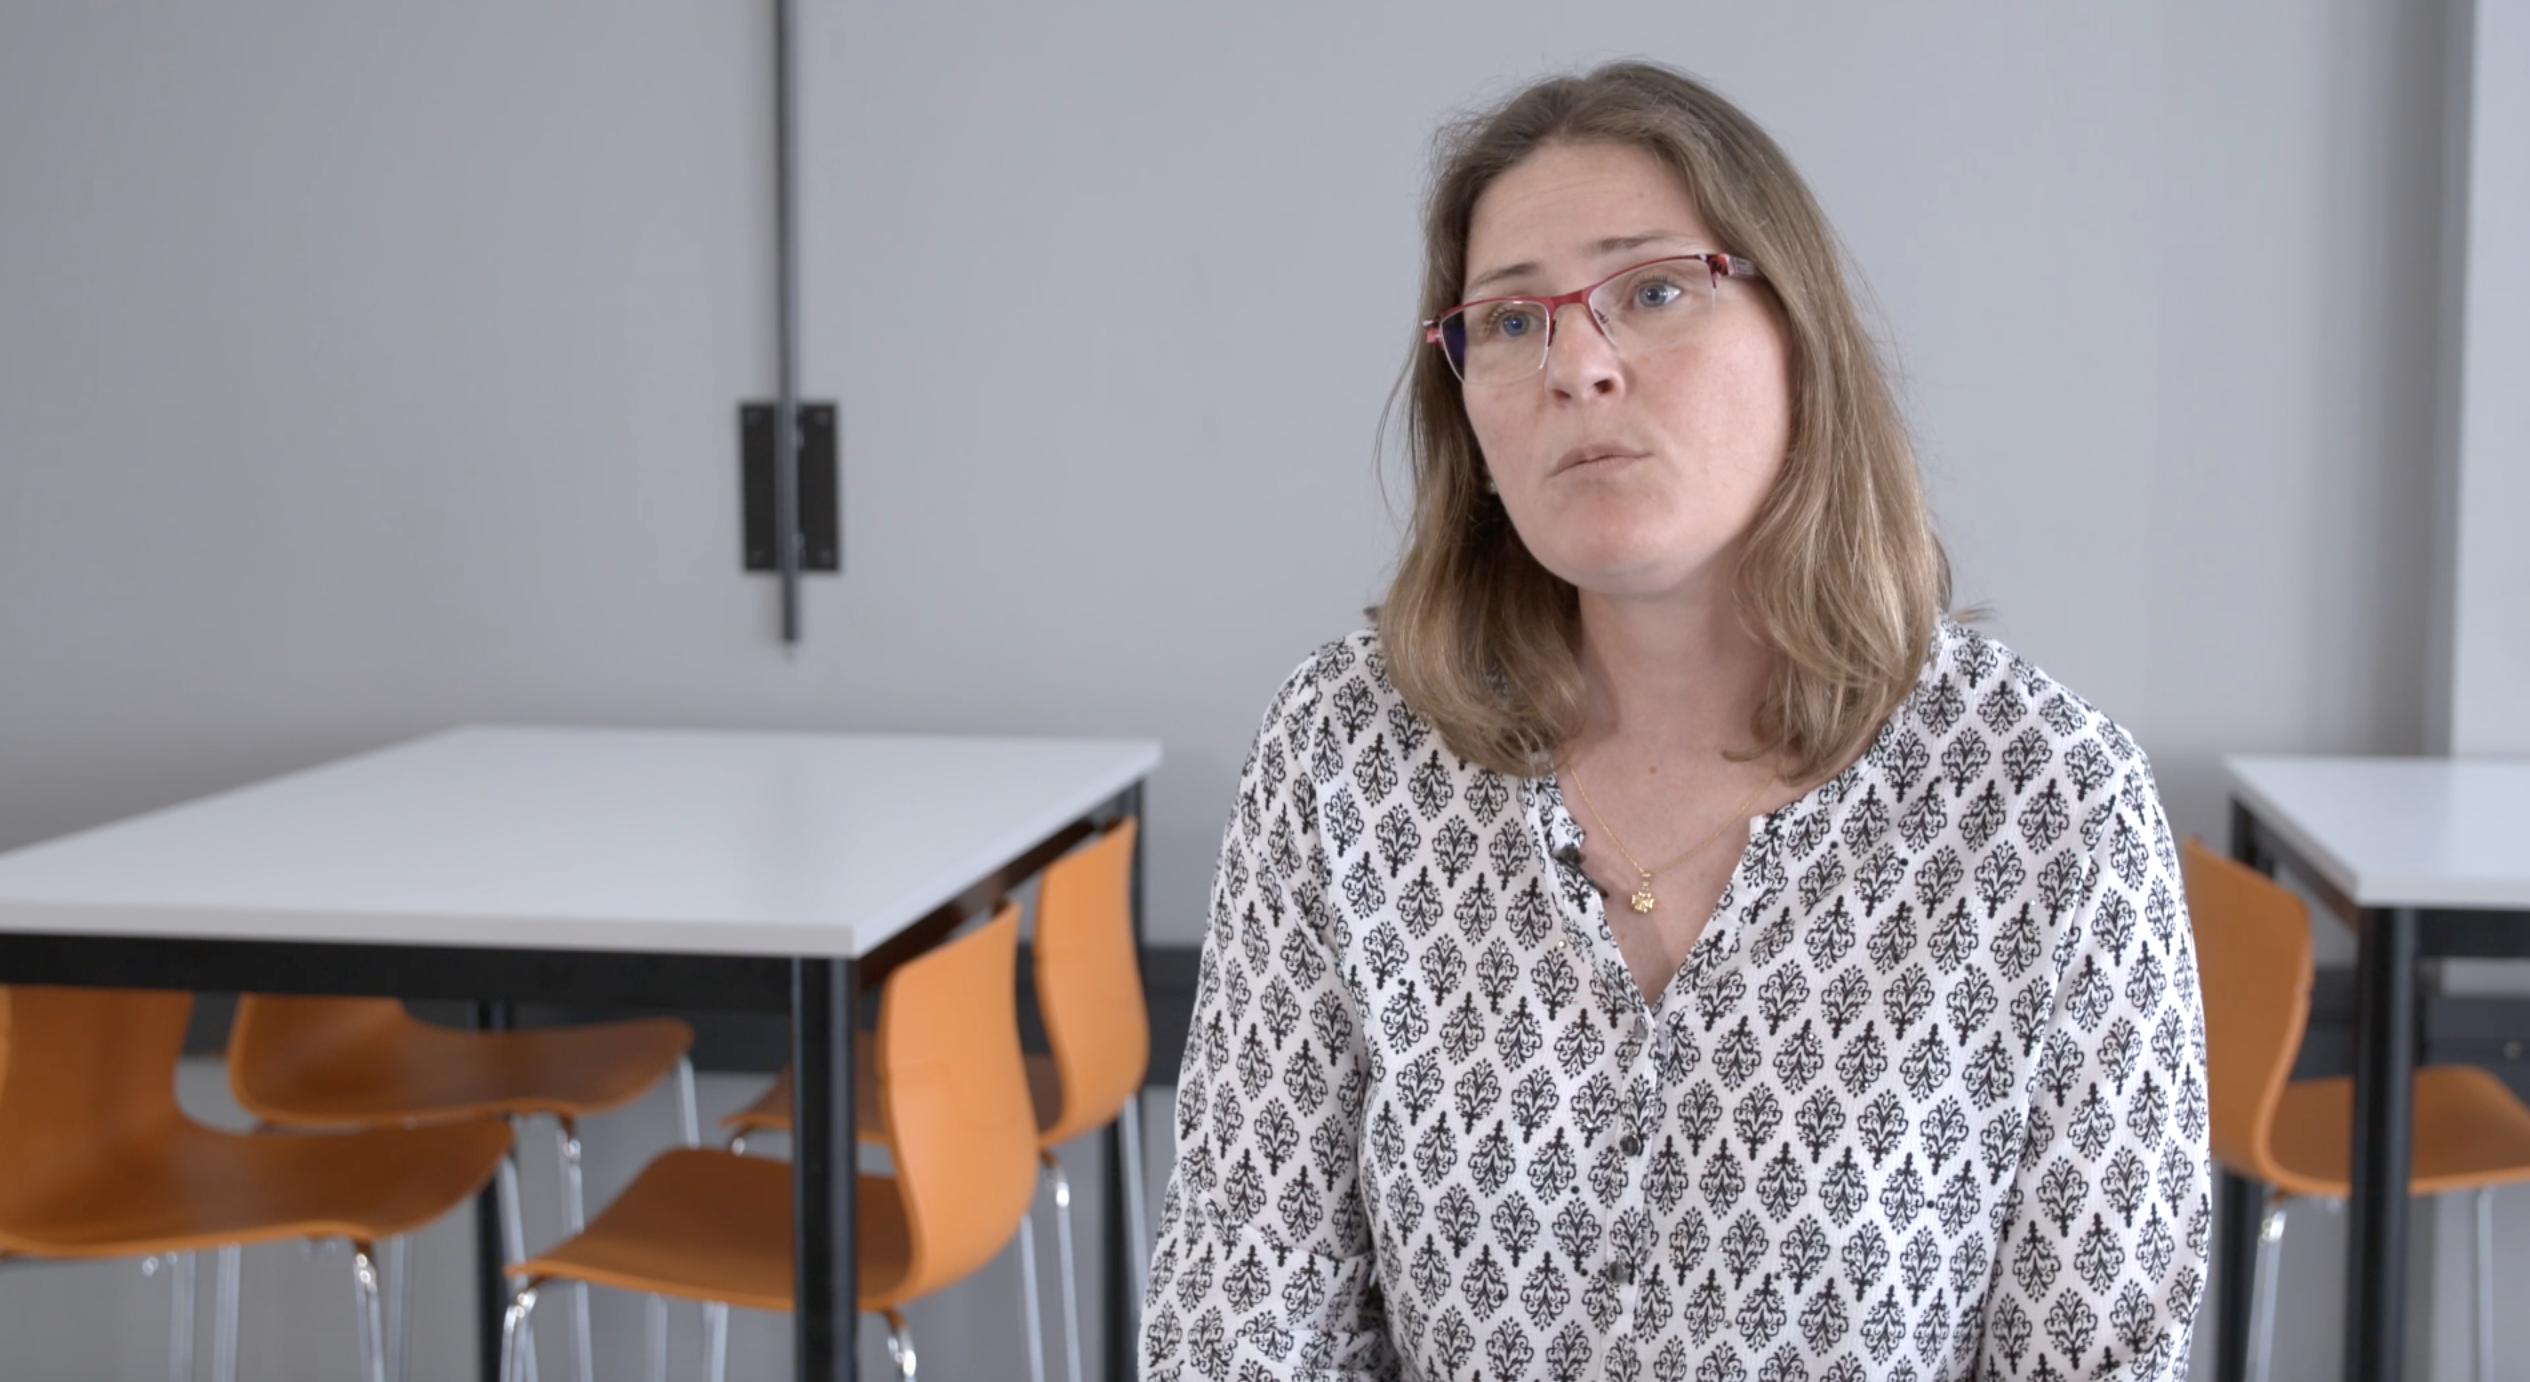 structurer alimentation nutrition personnes handicapées stratégie 3S